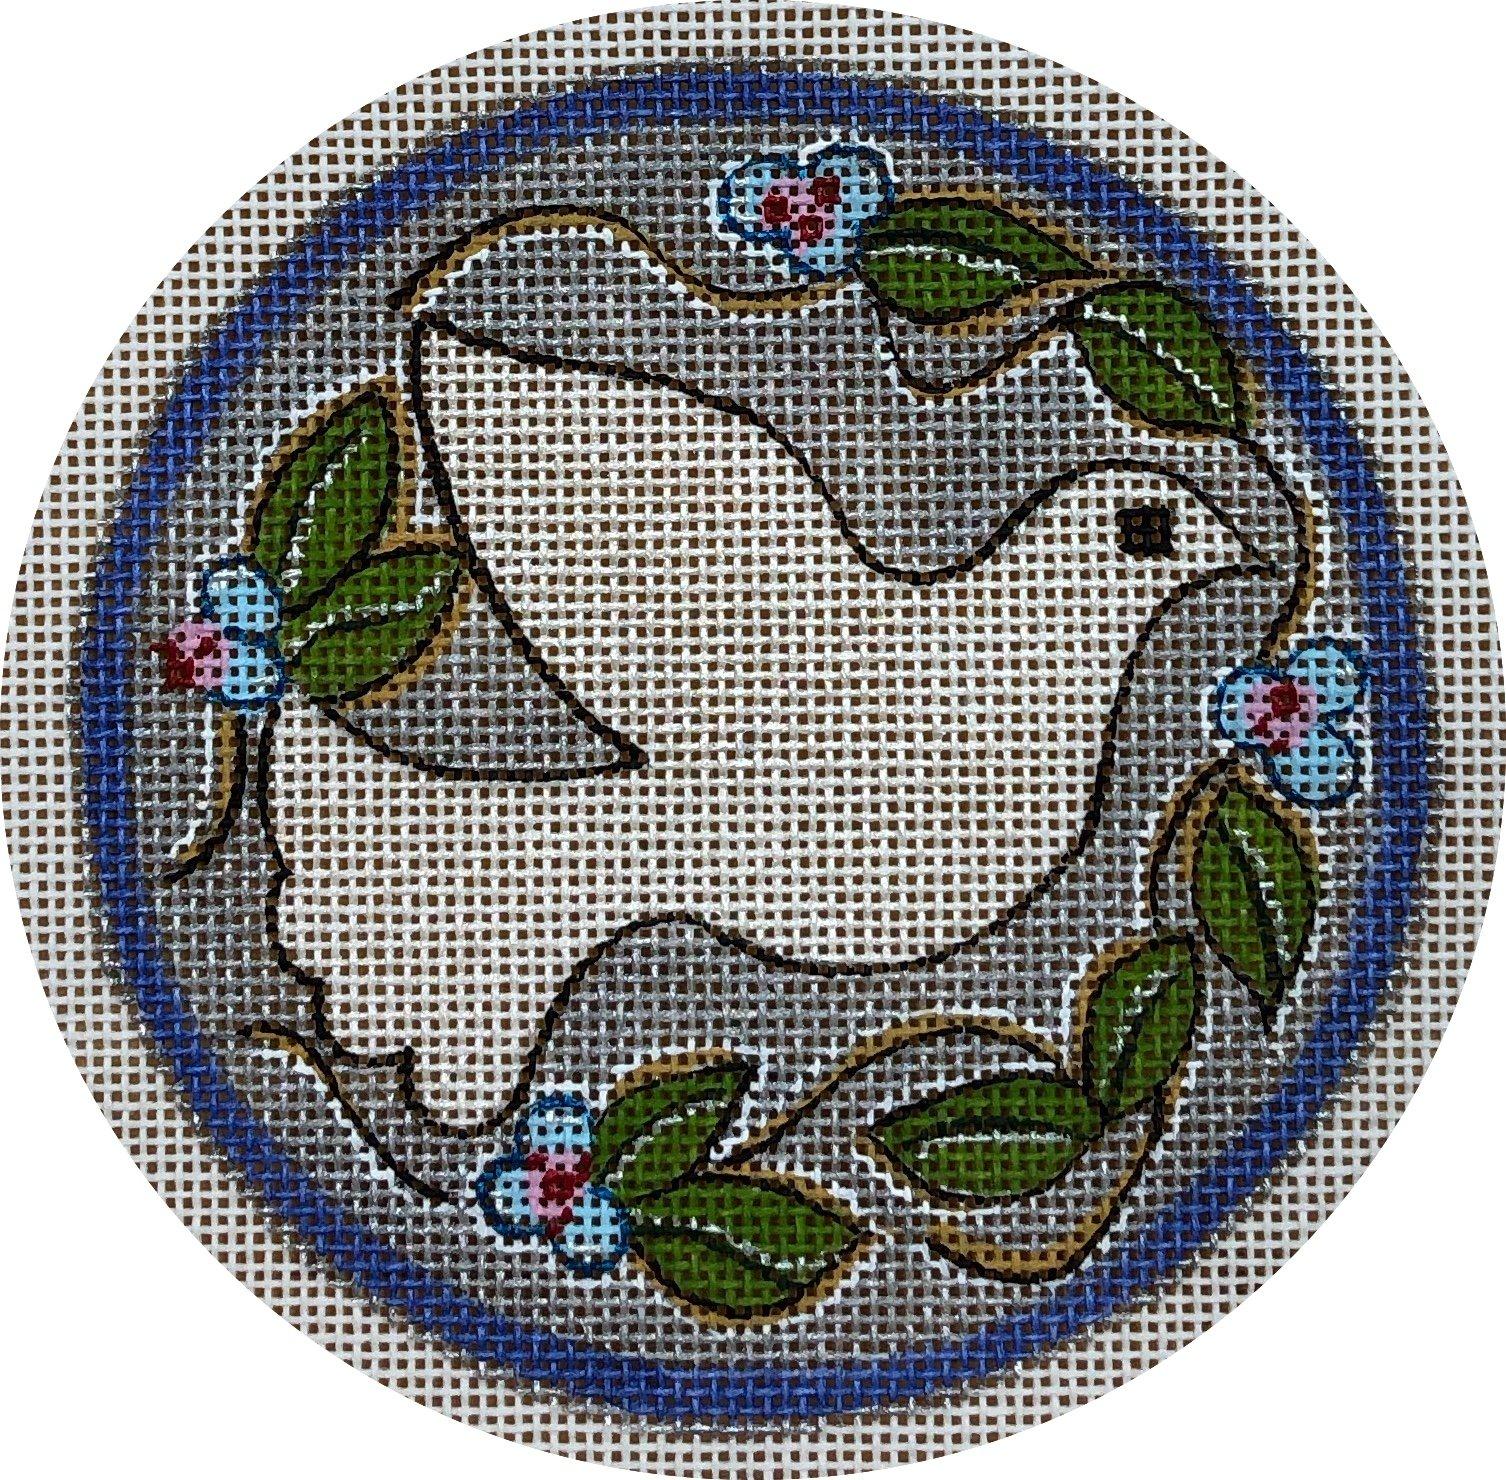 dove, silver